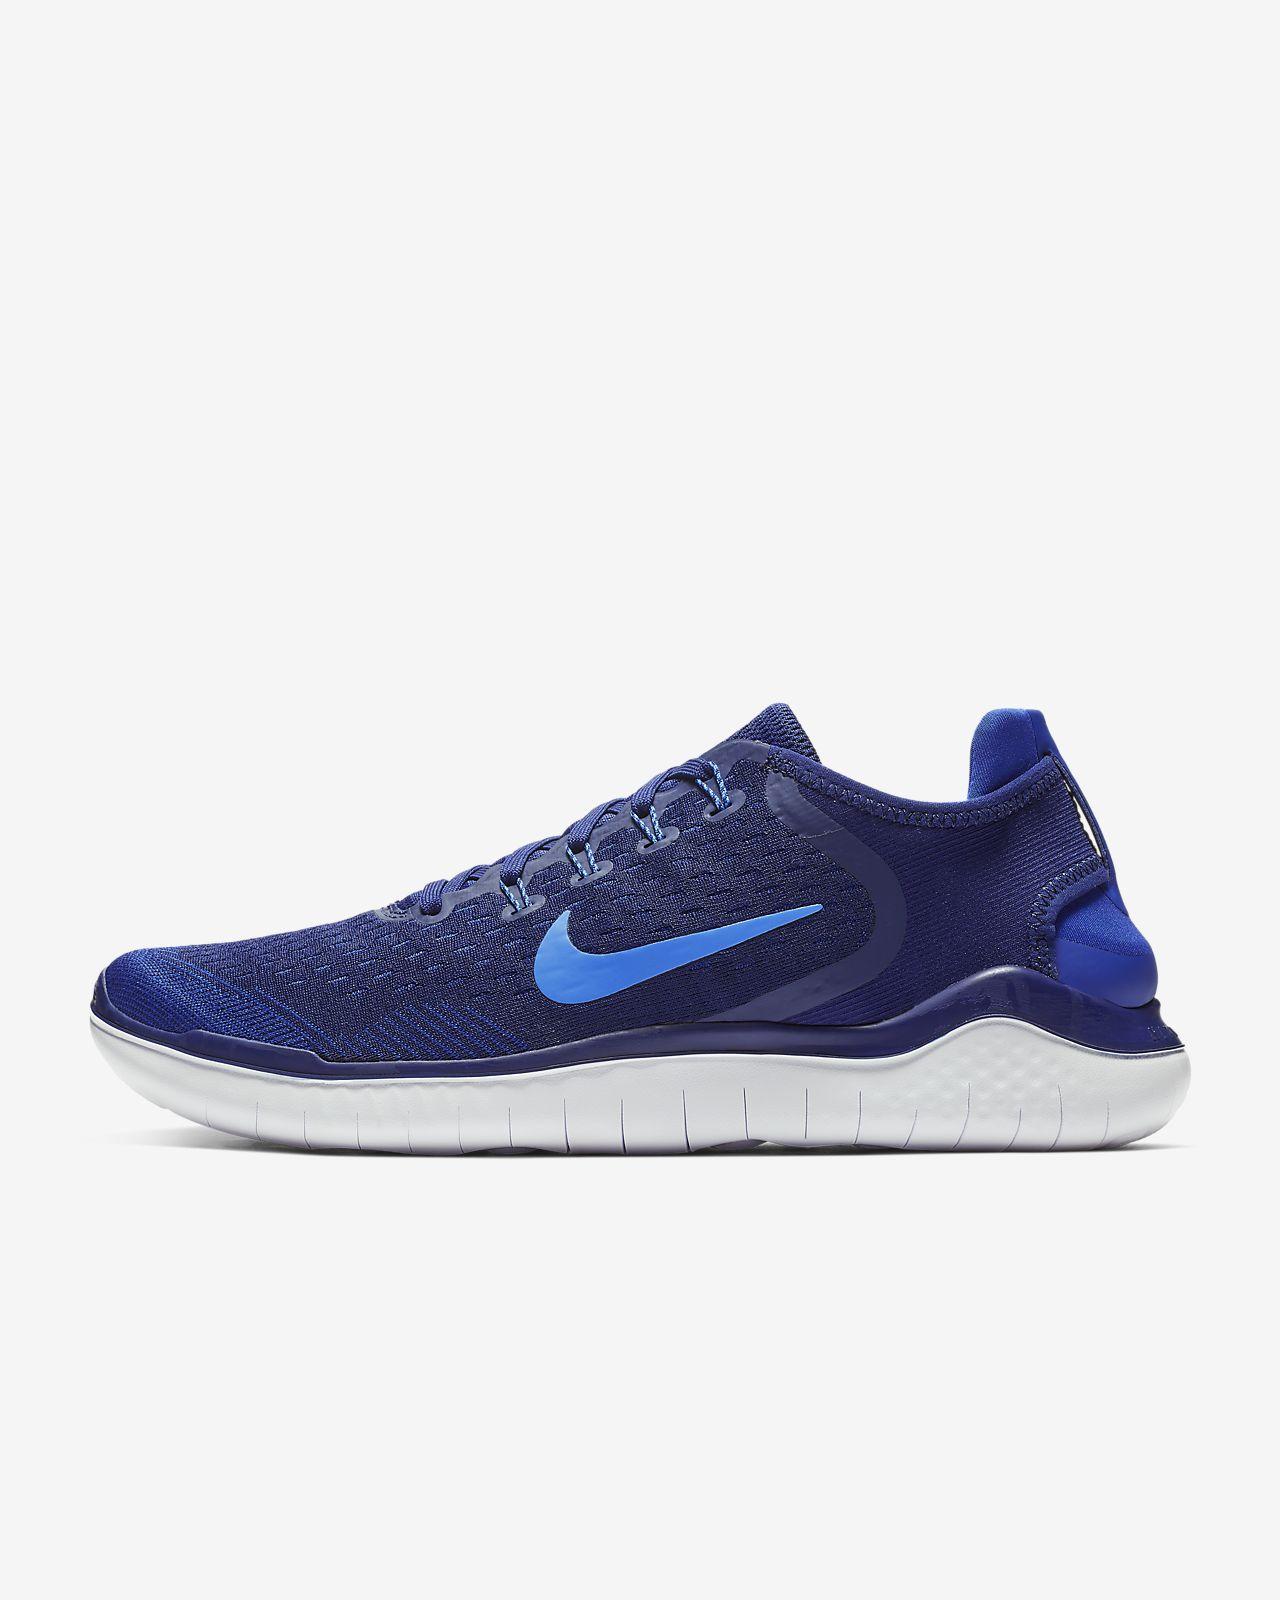 Free Nike Hombre Rn Running Calzado 2018 Para De Cl qwvxXwHtIn